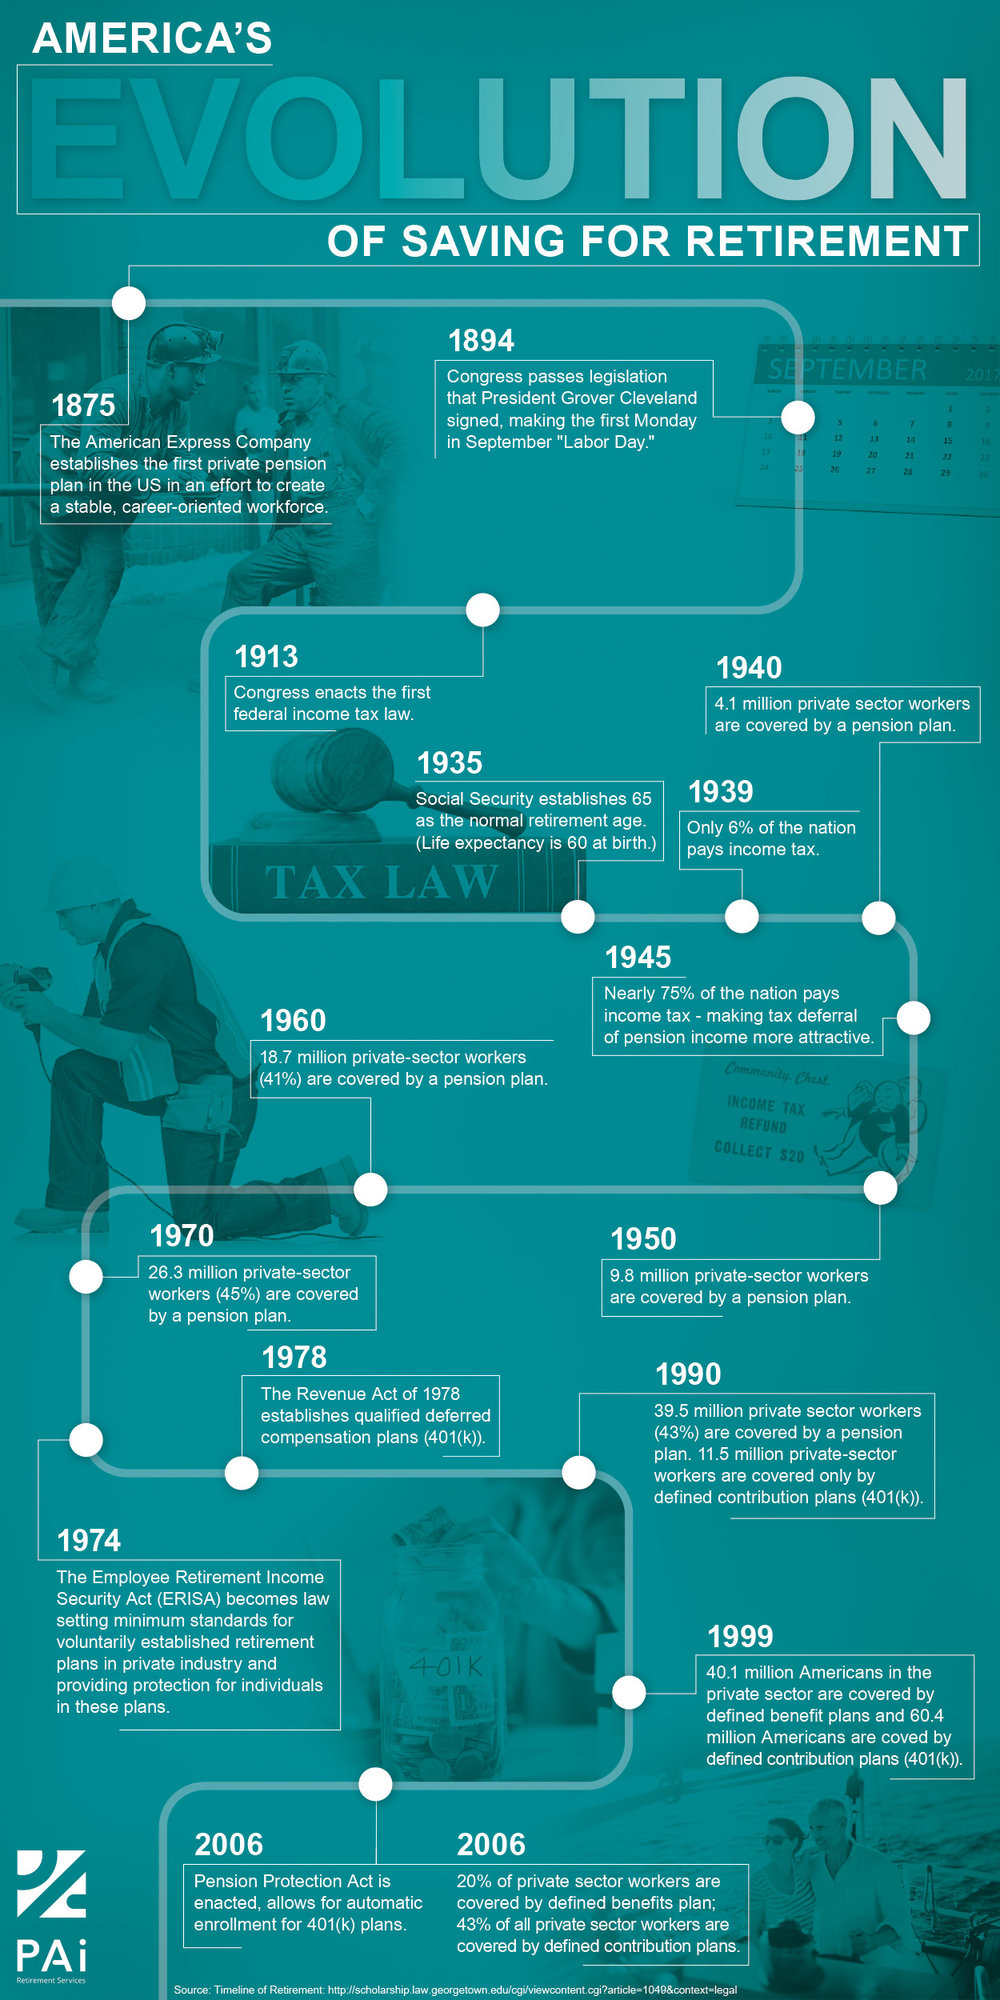 PAi-retirement-evolution-infographic_v5.jpg